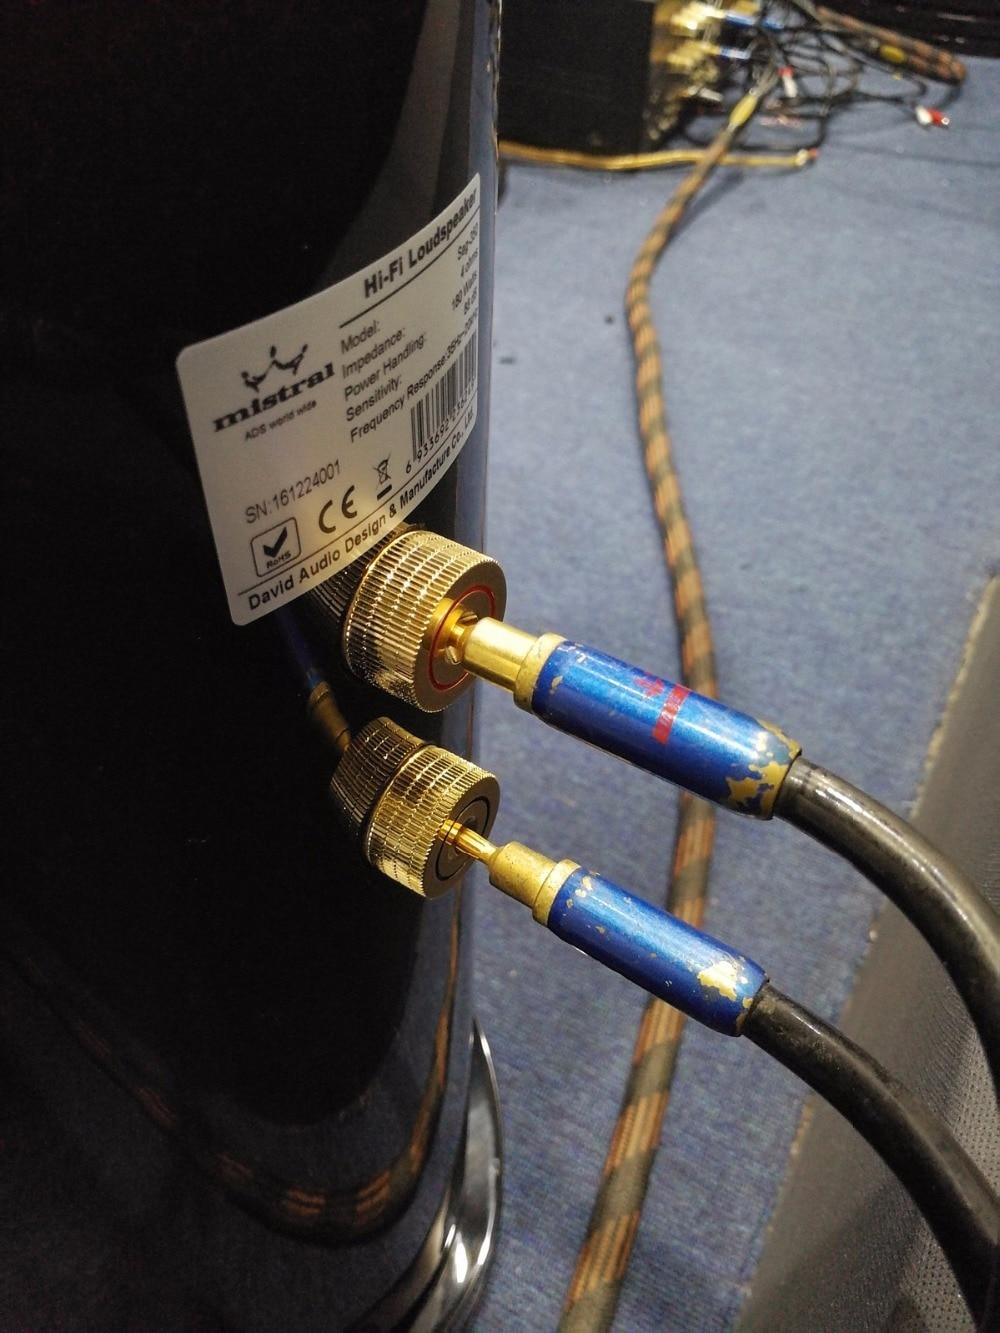 Mistral SAG-350 180W x 2 Hifi Standlautsprecher - Tragbares Audio und Video - Foto 4